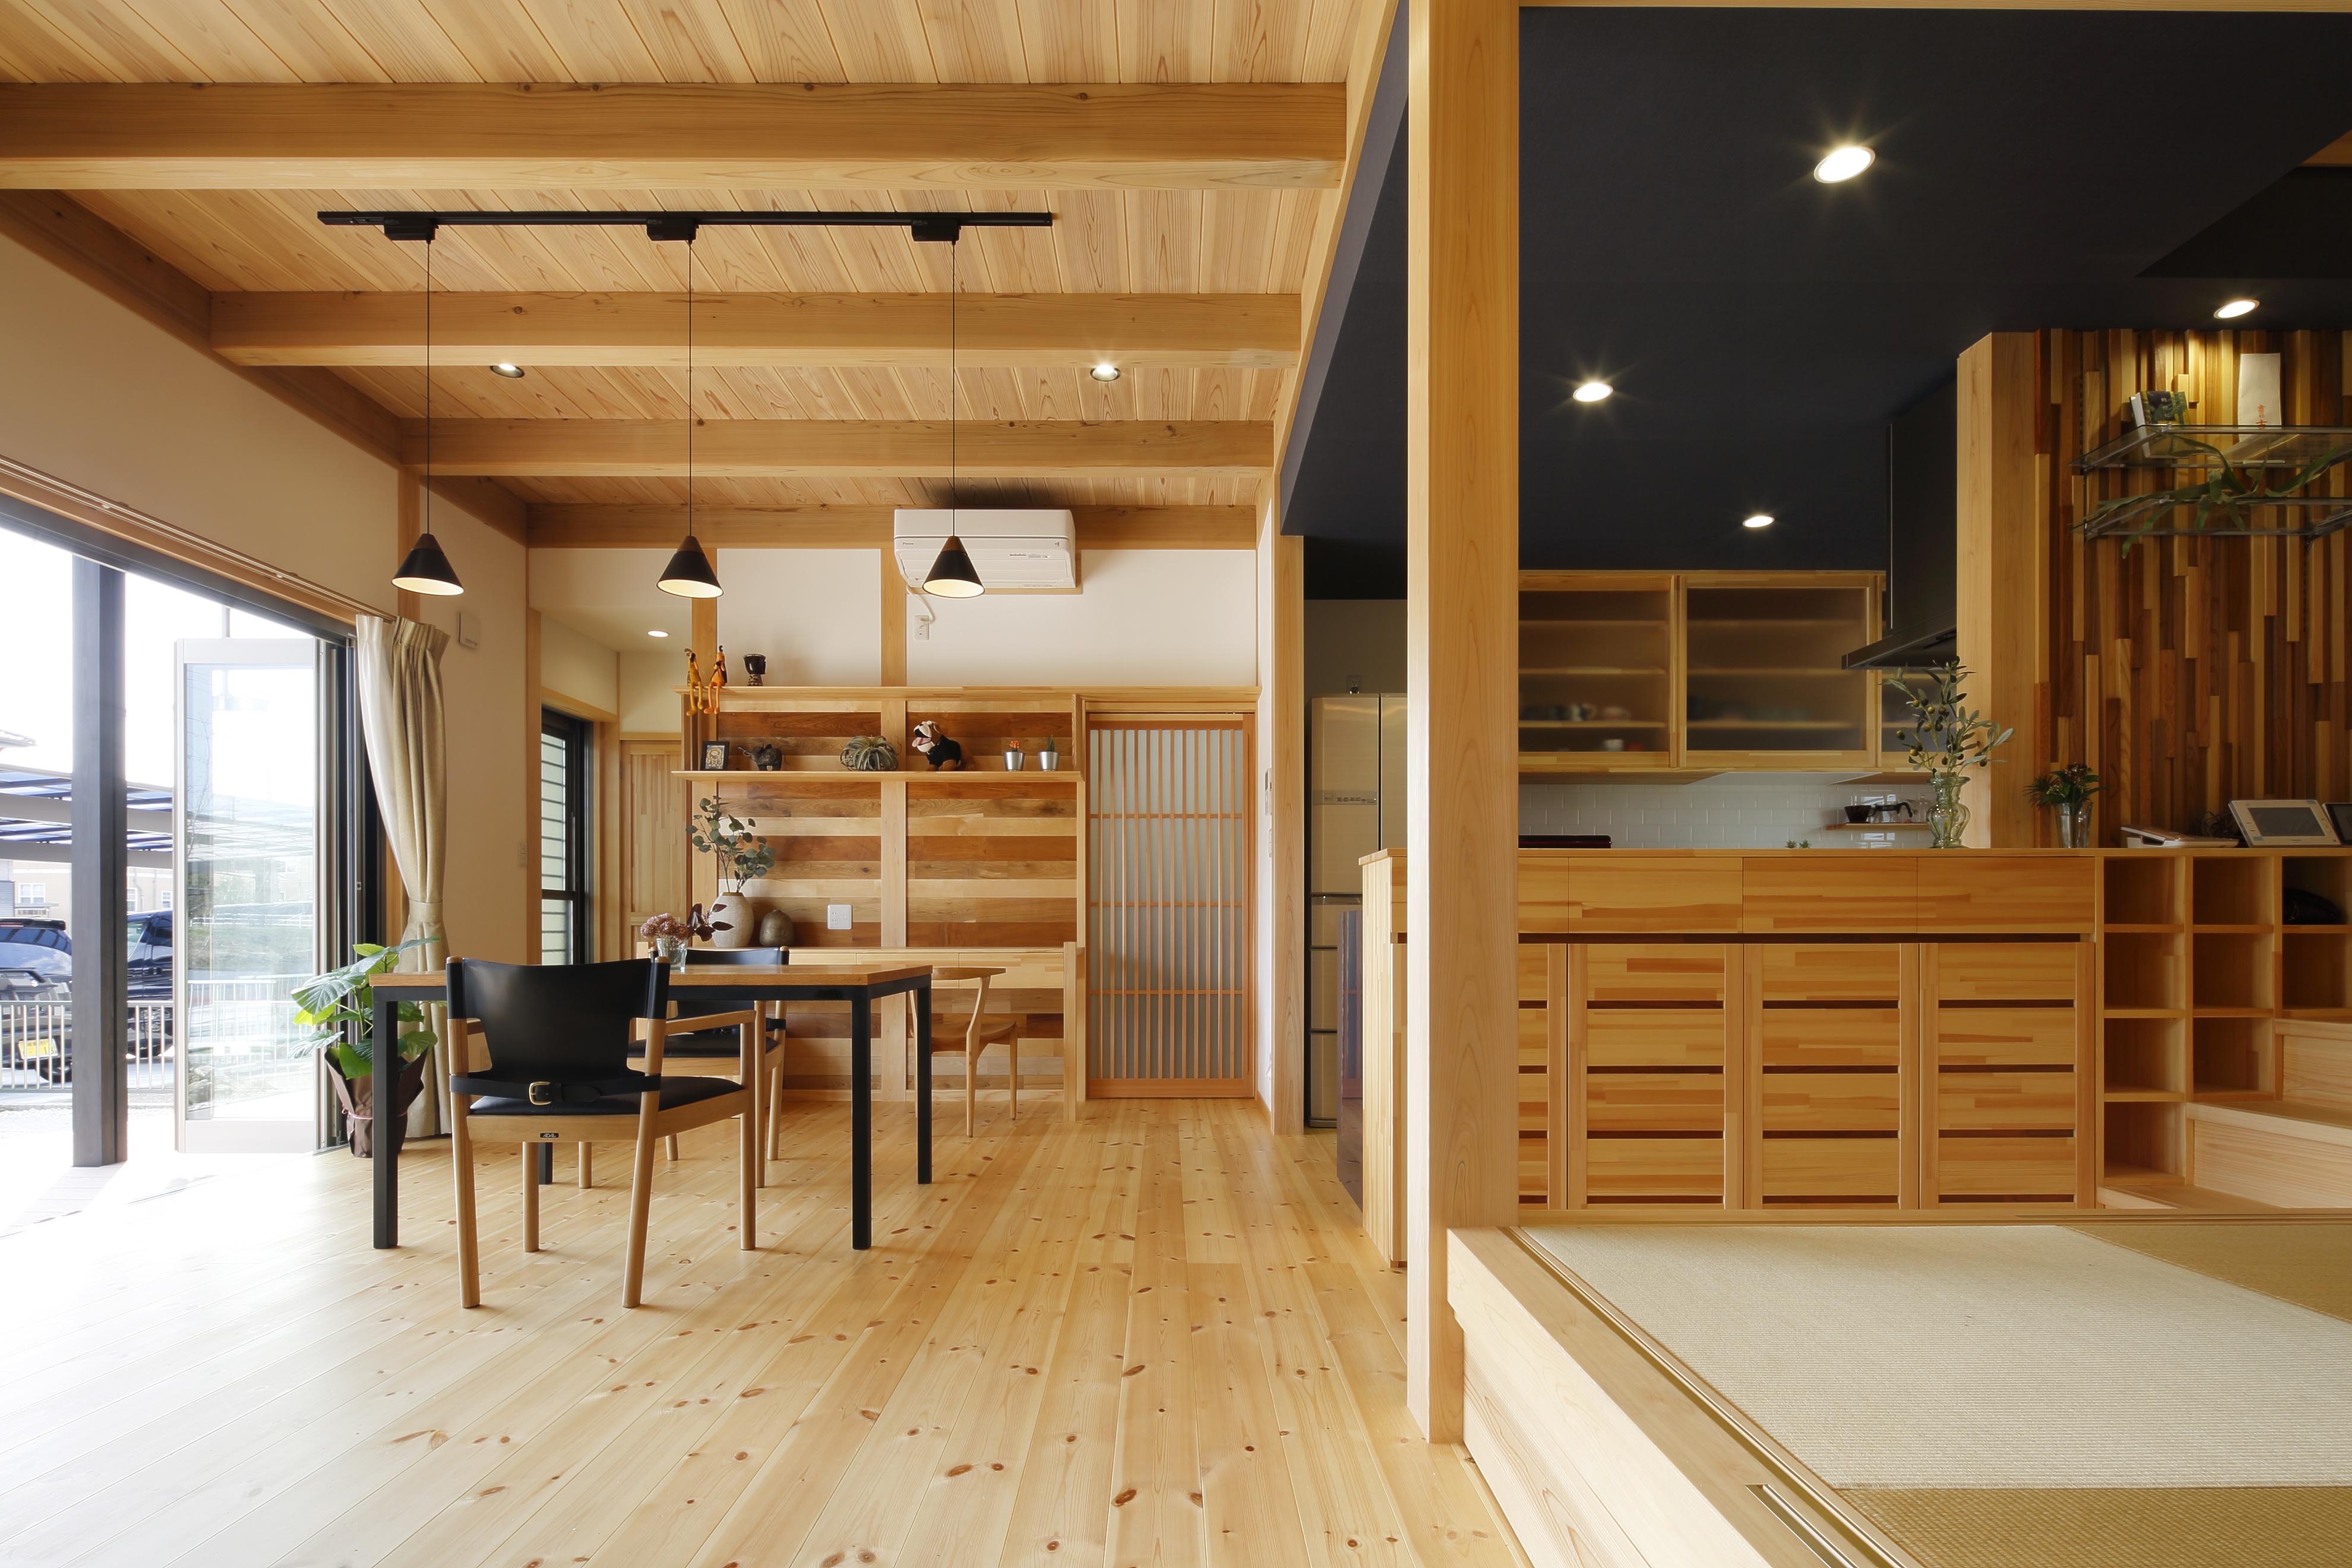 ゼロエネルギー住宅を実現した大工の手仕事が光る家 岐阜県 愛知県の注文住宅 職人とつくる木の家なら株式会社弘栄工務店